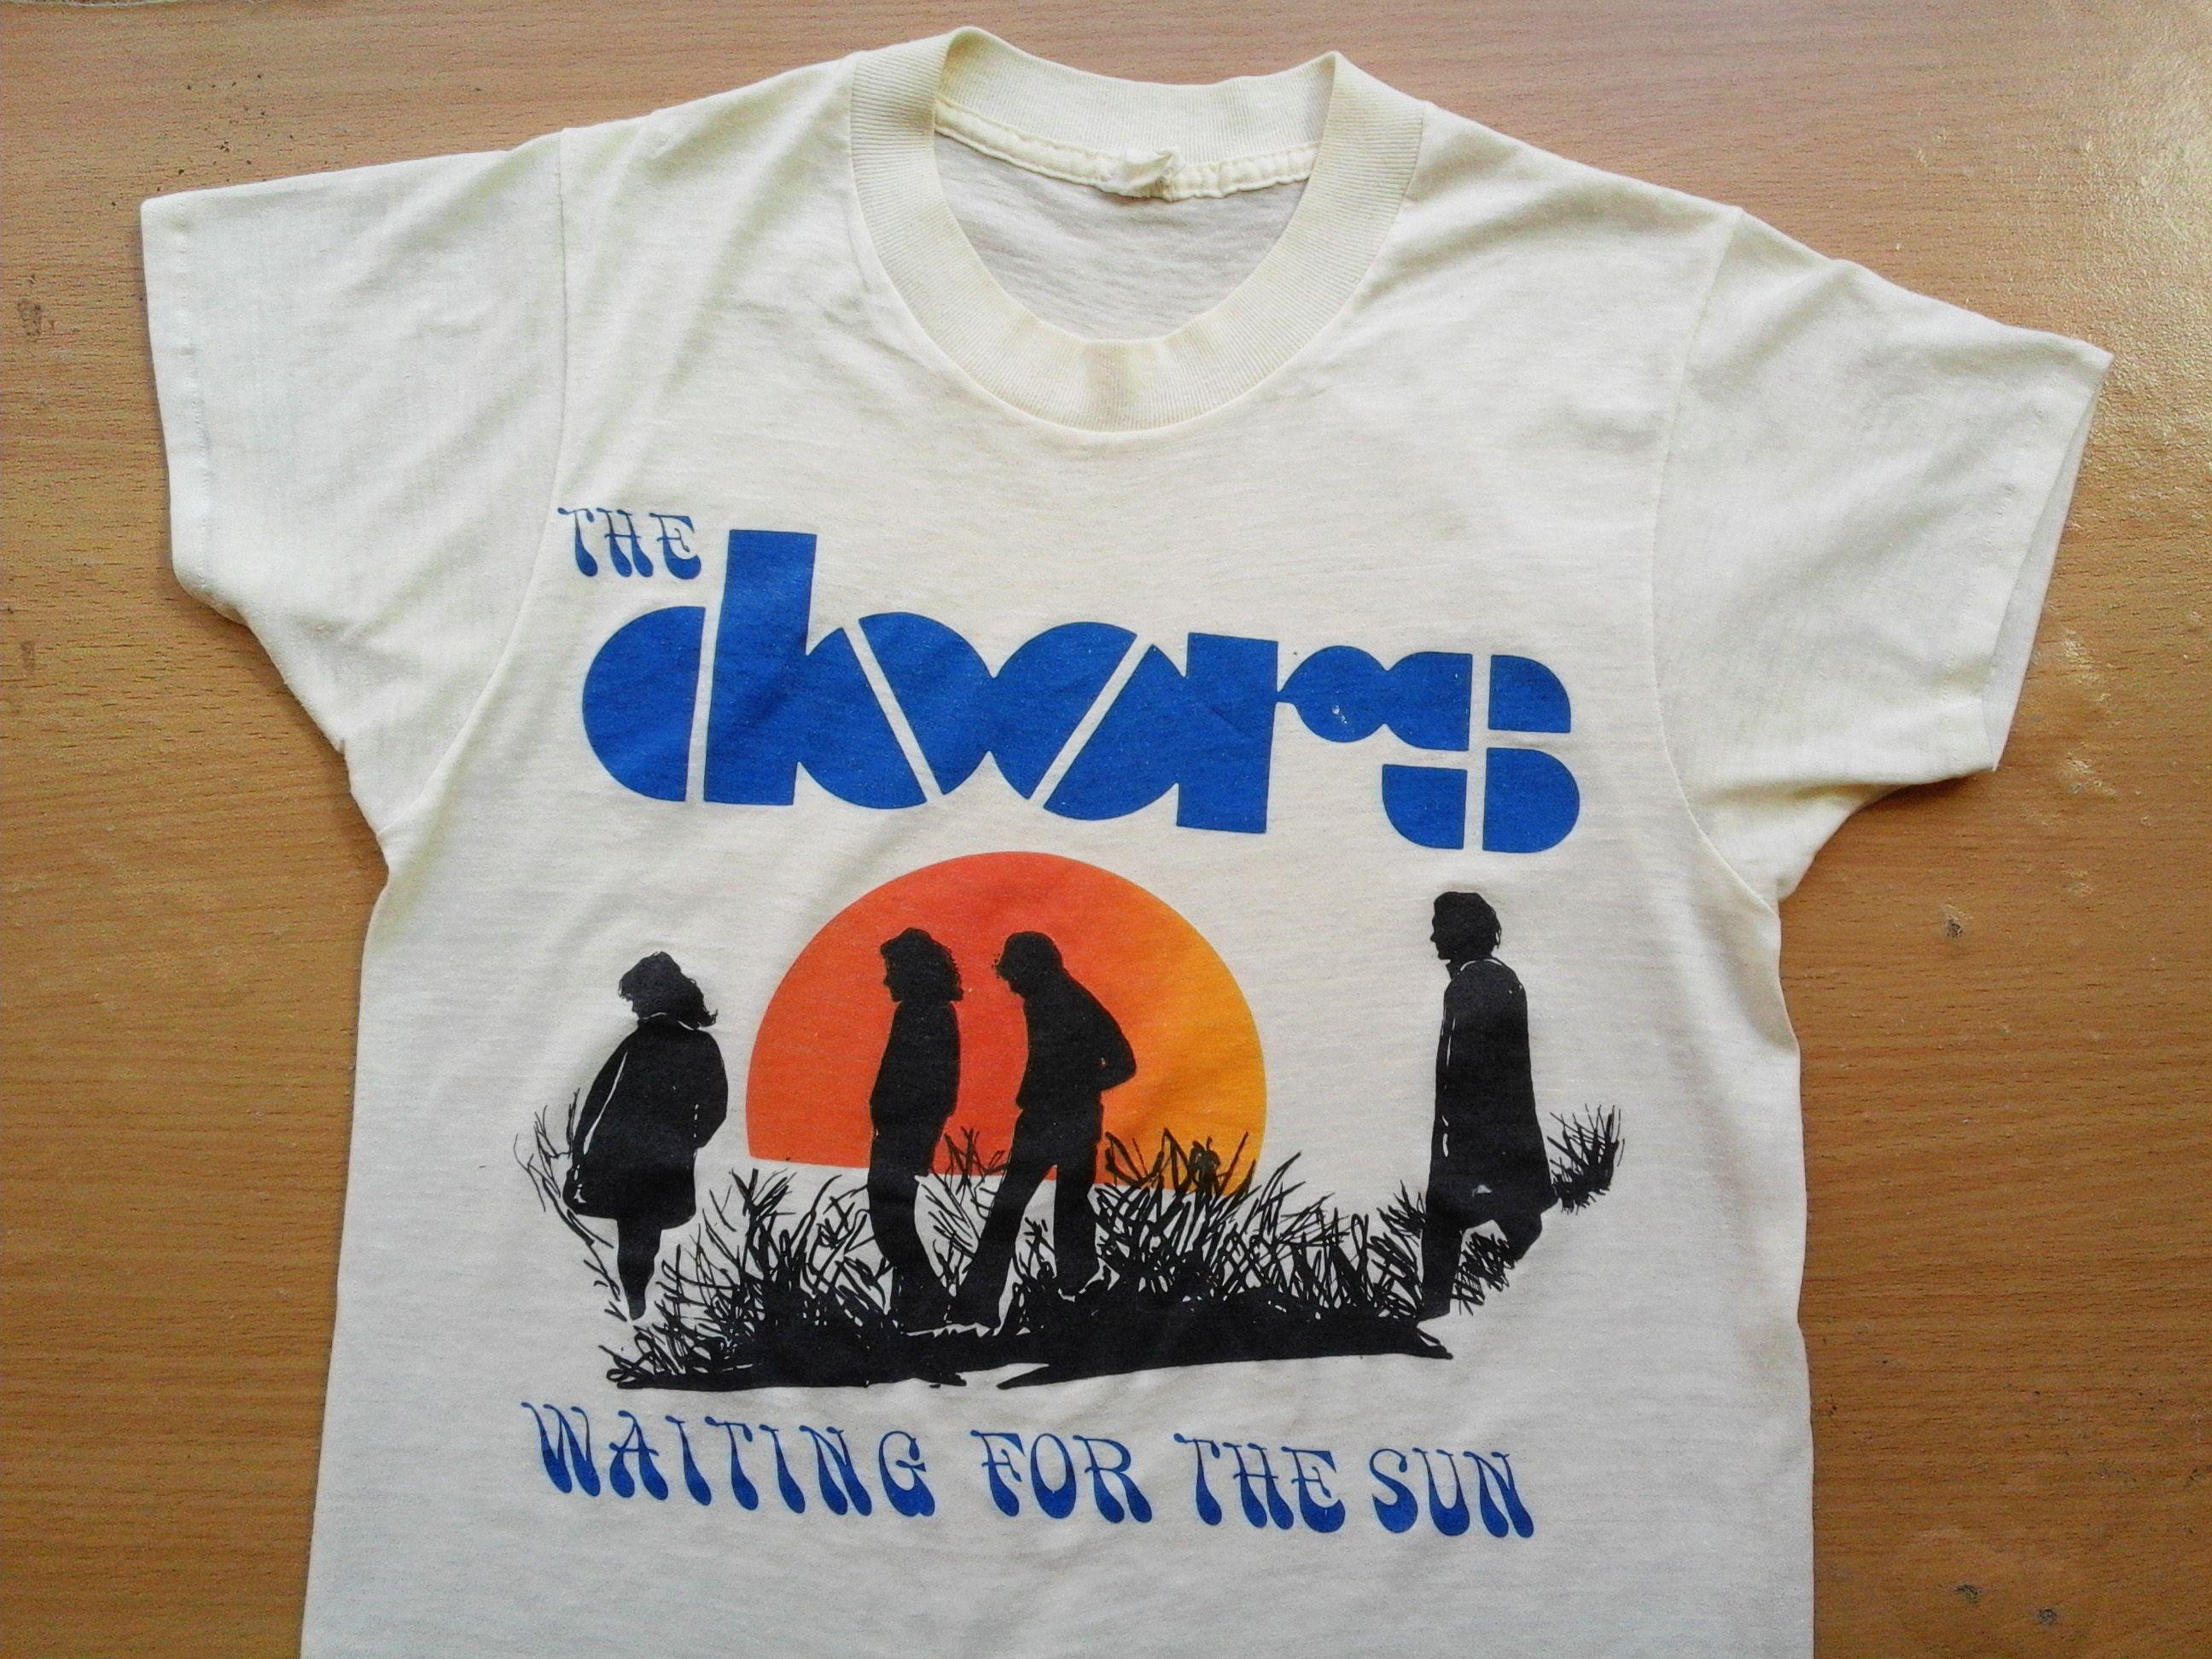 (Rare) Original 1970s THE DOORS WAITING FOR THE SUN ALBUM PROMO T SHIRT # & Rare) Original 1970s THE DOORS WAITING FOR THE SUN ALBUM PROMO T ...